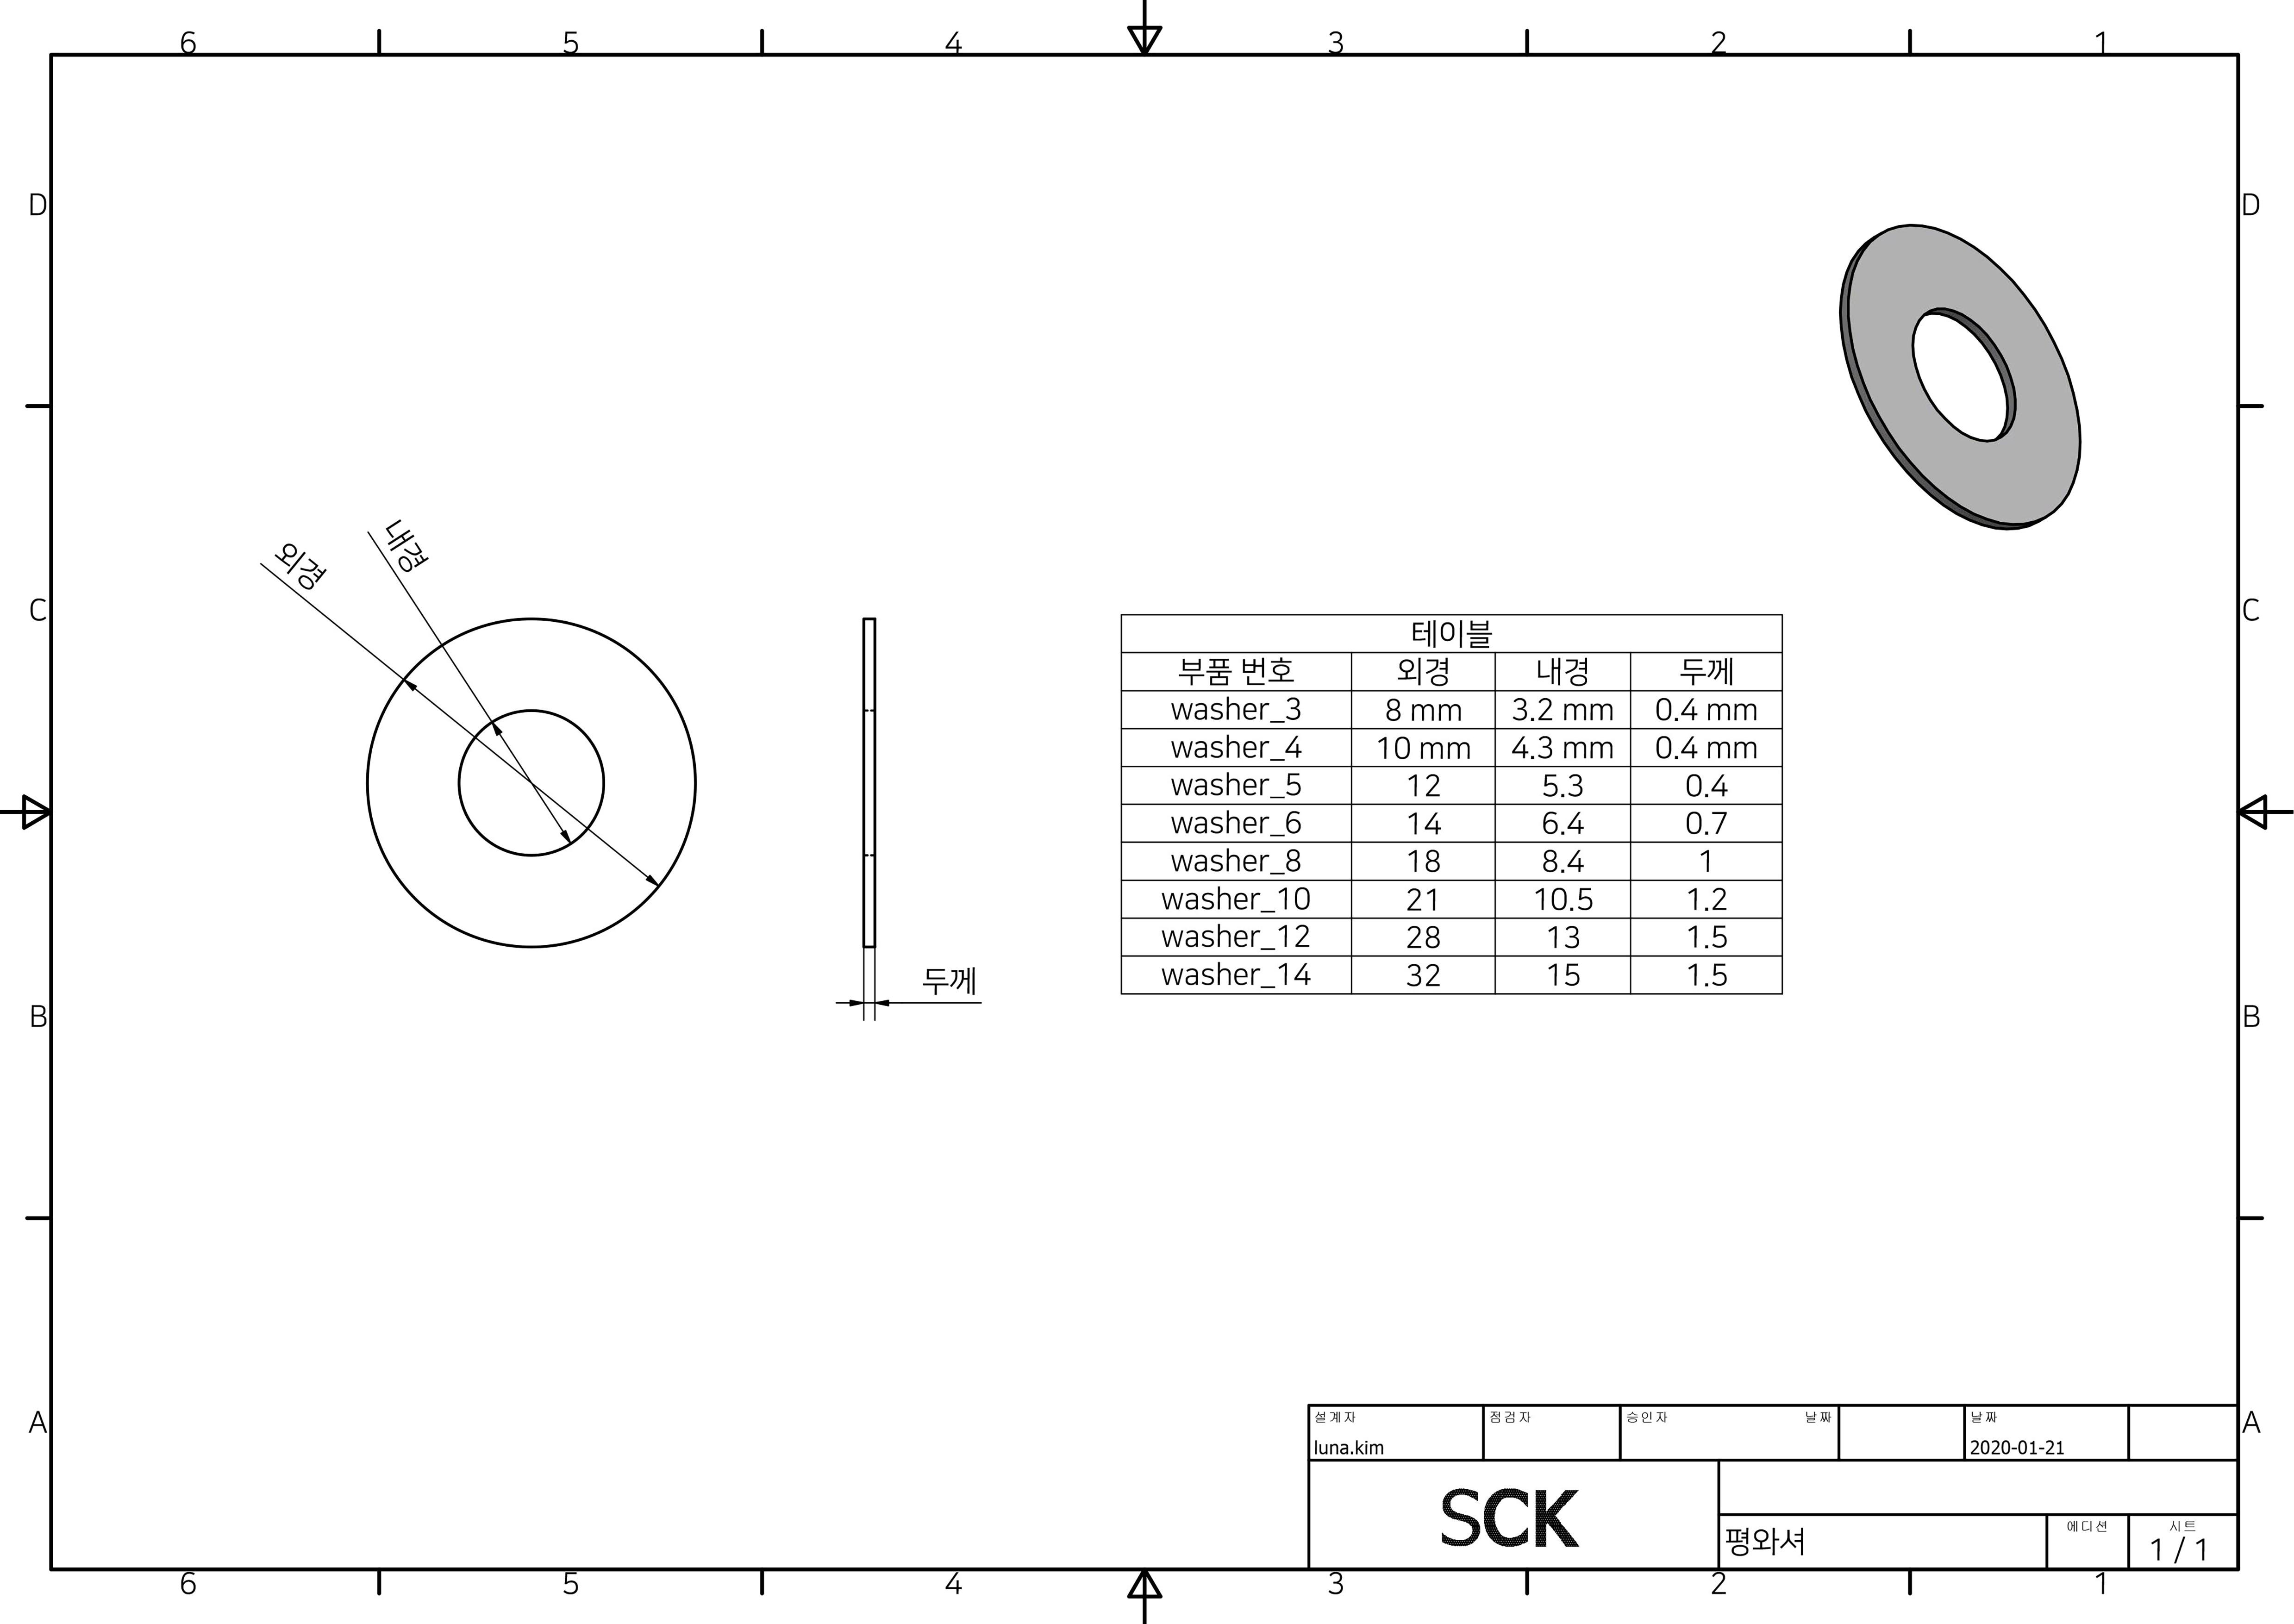 6. 형상이 비슷한 부품을 iPart로 한번에 모델링하고 관리하기